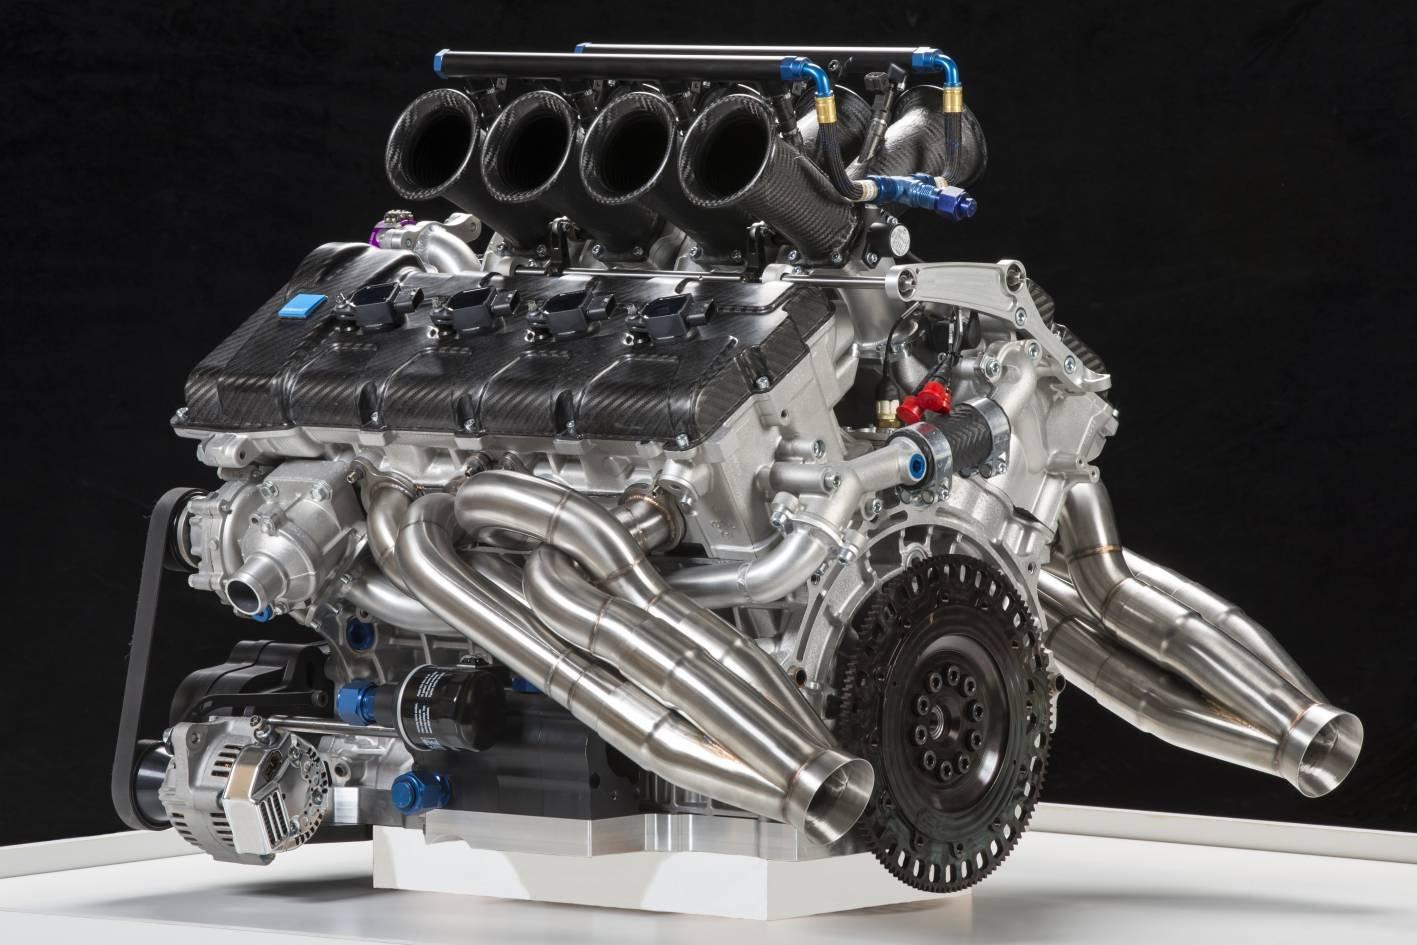 Volvo Reveals V8 Supercar Engine Photos Caradvice